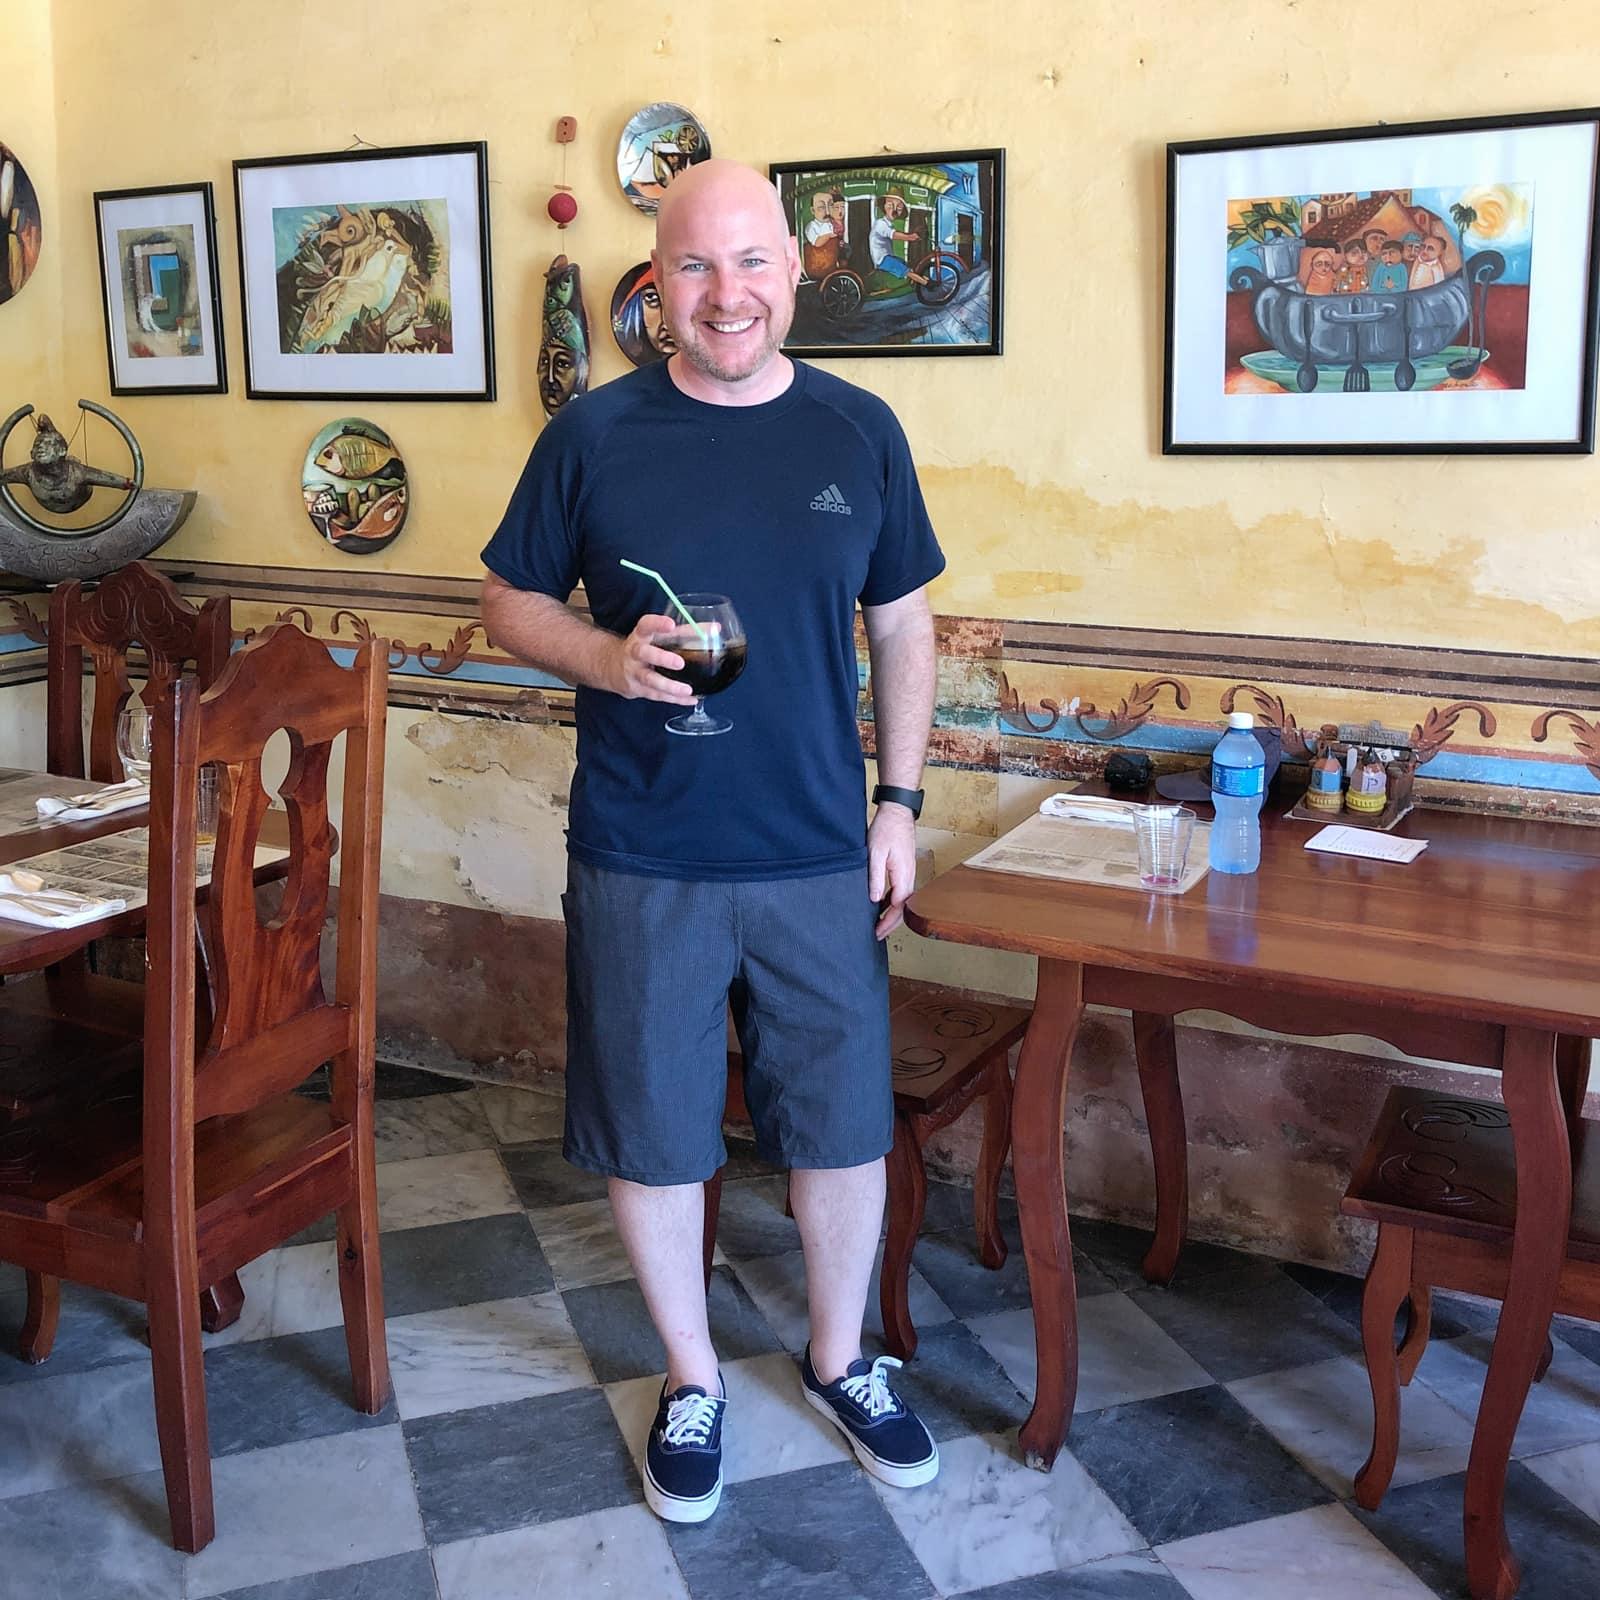 Solo lunch - Trinidad, Cuba